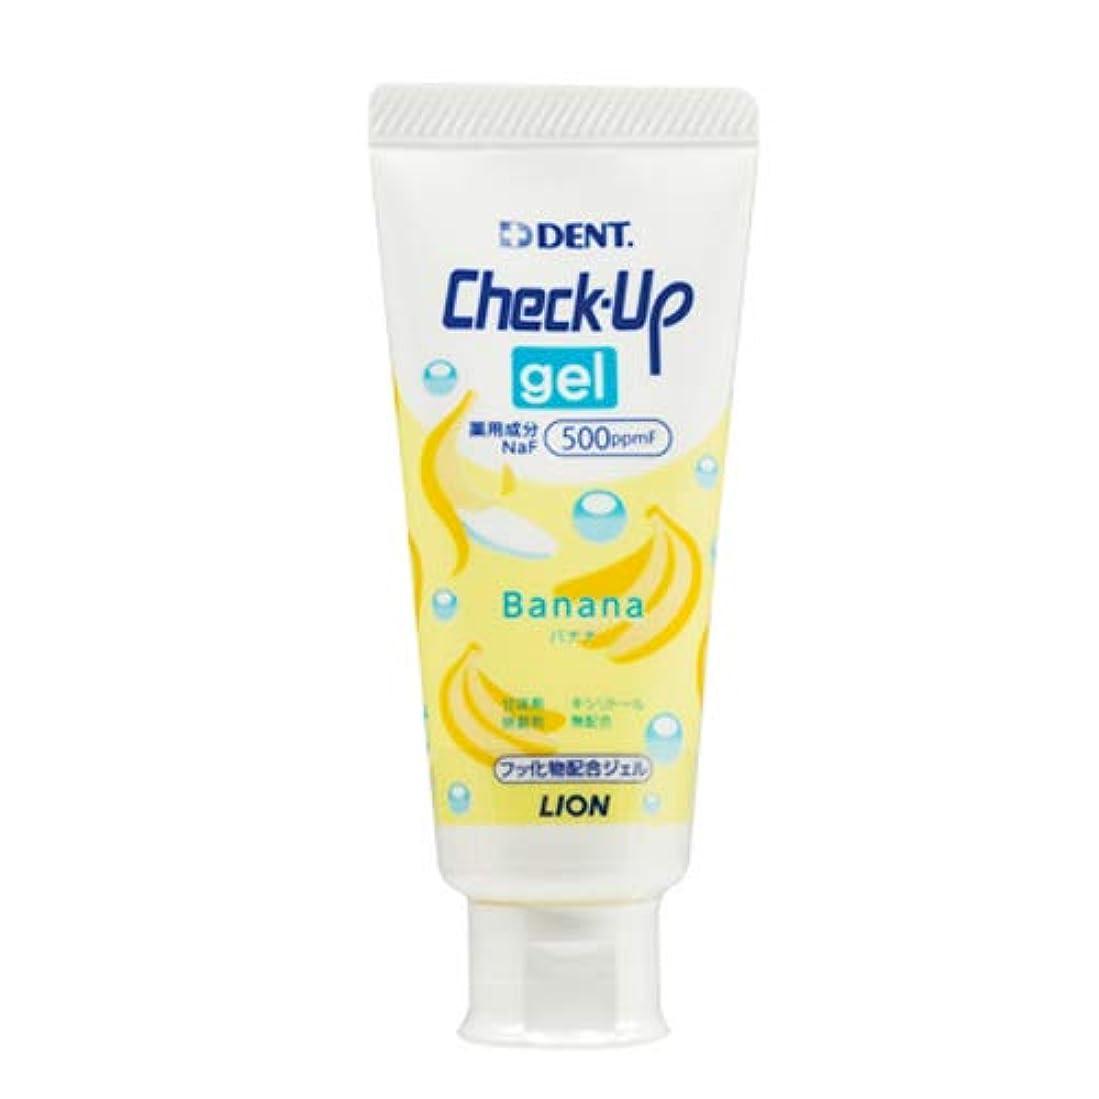 松明きょうだいリラックスした【Lion/ライオン】【歯科用】Check-Up gel 1本【歯磨き粉】バナナ 60g【対象:6歳未満の乳幼児】【チェックアップジェル】【医薬部外品】